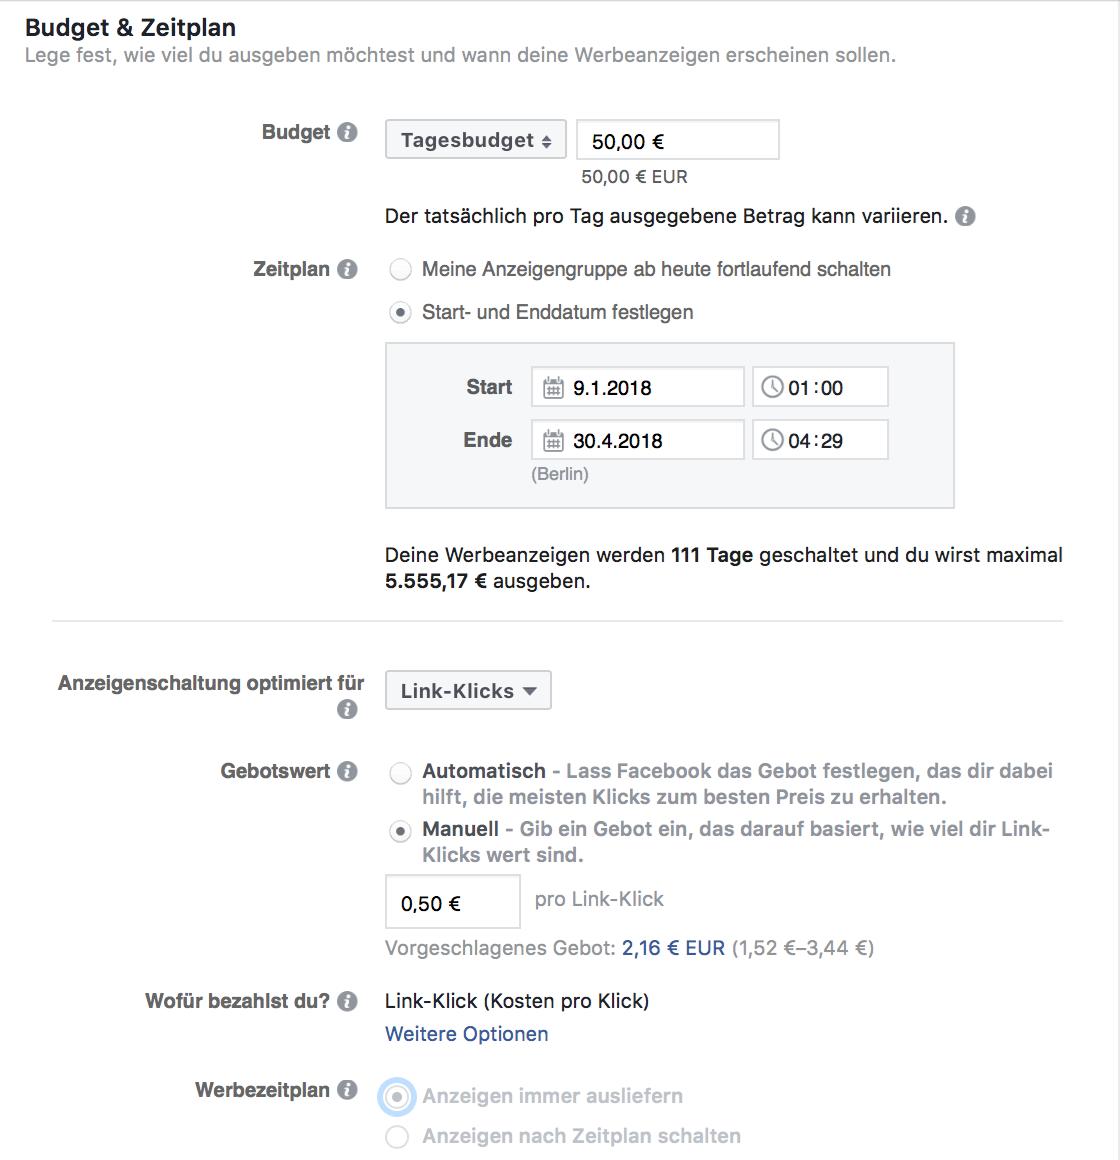 Budget und Zeitplan für Facebook Werbeanzeigen festlegen